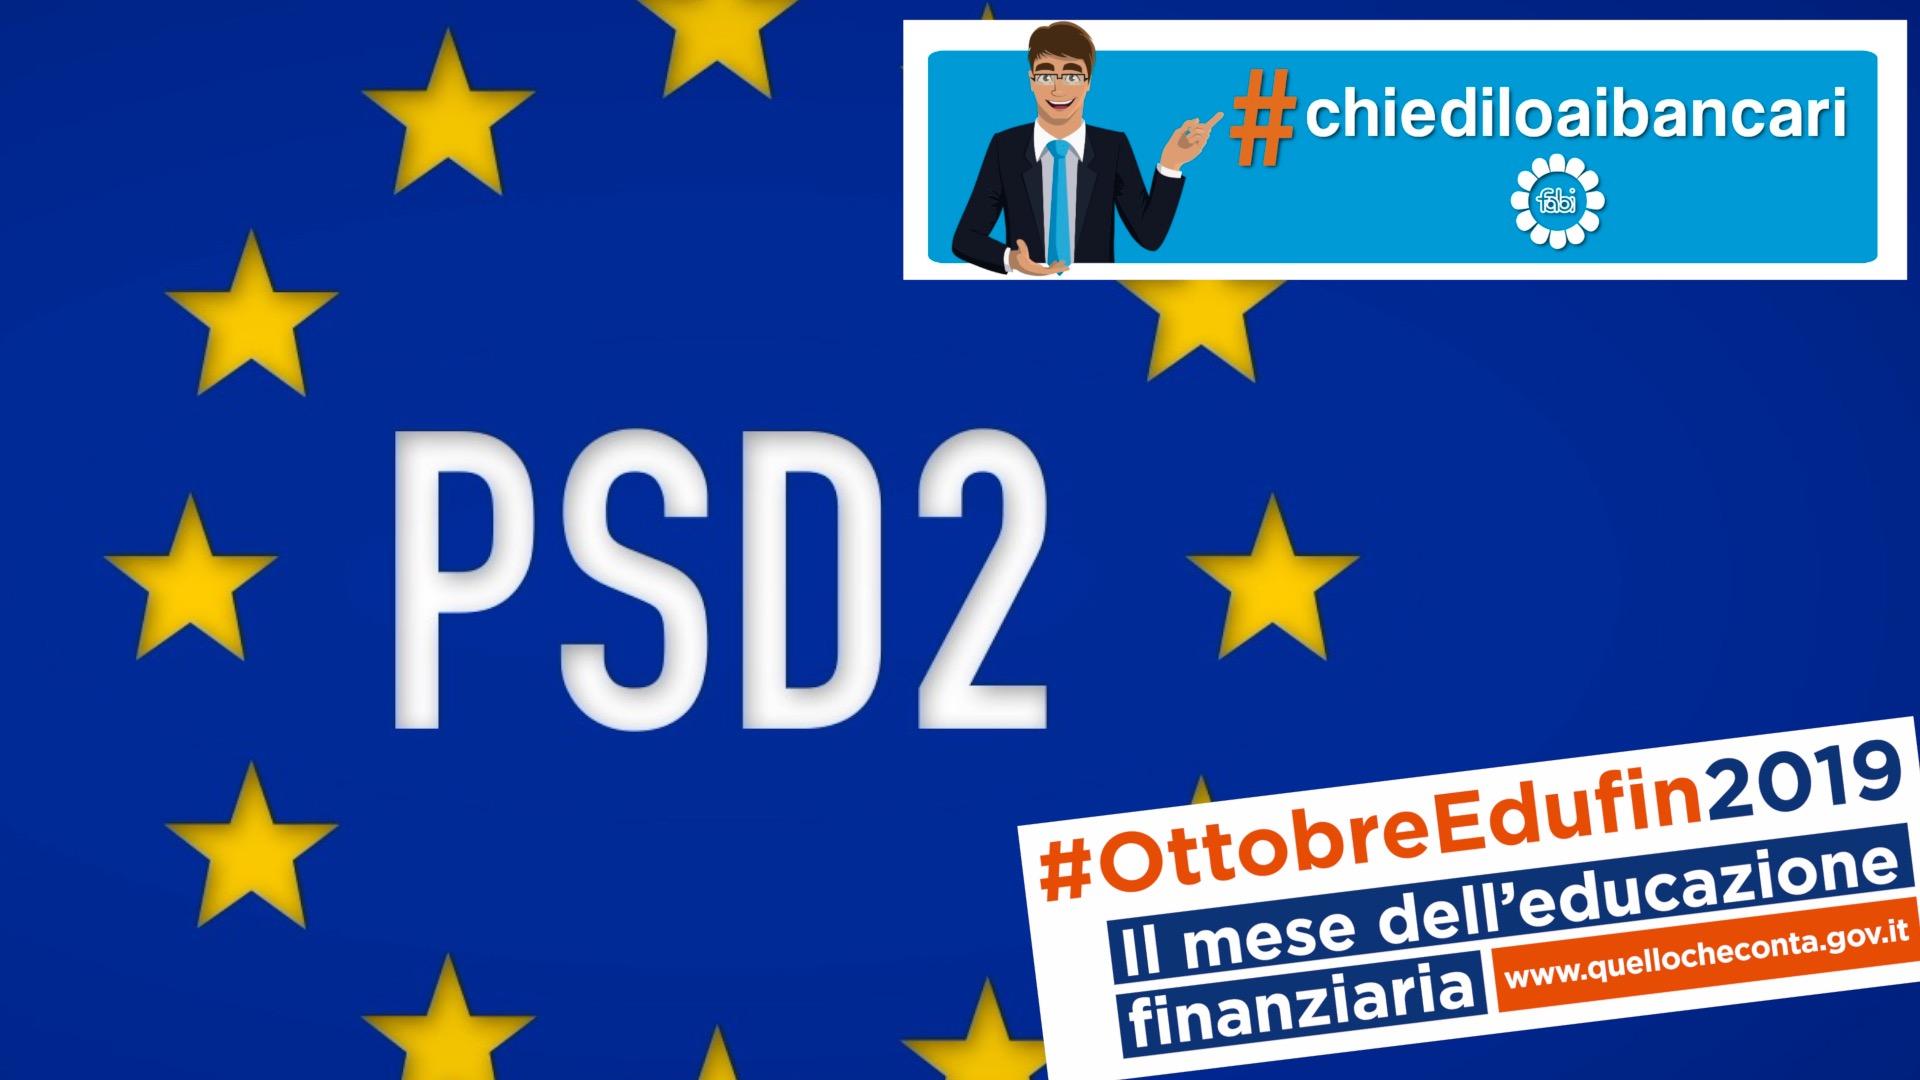 #CHIEDILOAIBANCARI, ECCO IL SECONDO VIDEO: COS' È LA PSD2